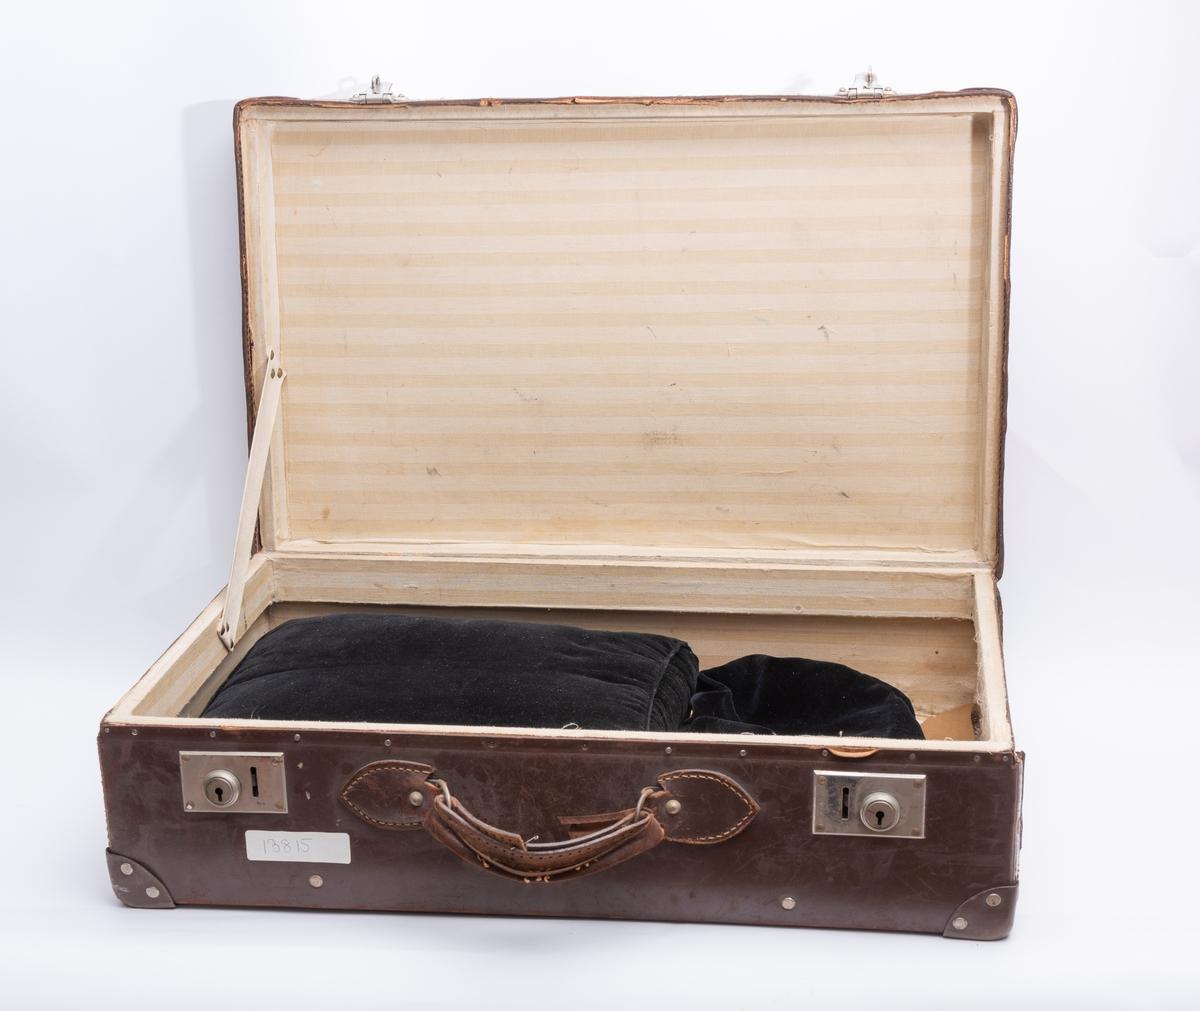 Kofferten har inneholdt alle smågjenstandene brukt til seremonier i Oslo Kvinnelige Handelsstands Forenings orden Dona Mercuri. Alle disse gjenstandene har fått registreringsnumrene KMR.03841 tom. KMR.03864